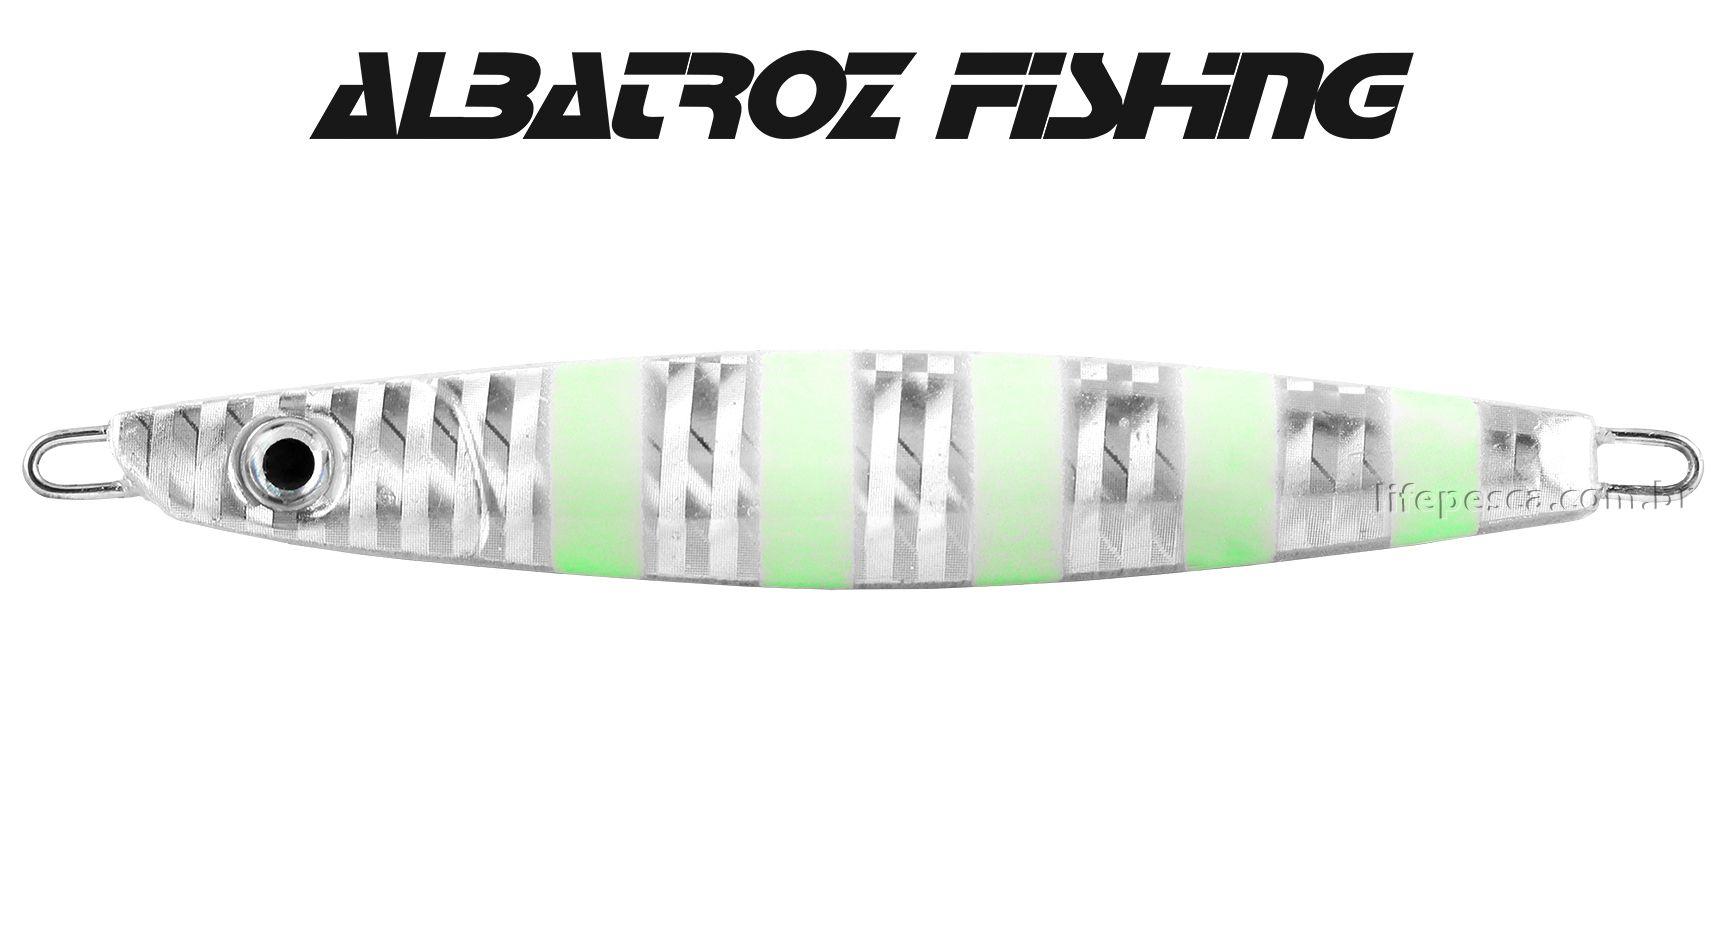 Isca Artificial Albatroz Fishing  Jumping Jig Dragon (85g) - Várias Cores  - Life Pesca - Sua loja de Pesca, Camping e Lazer